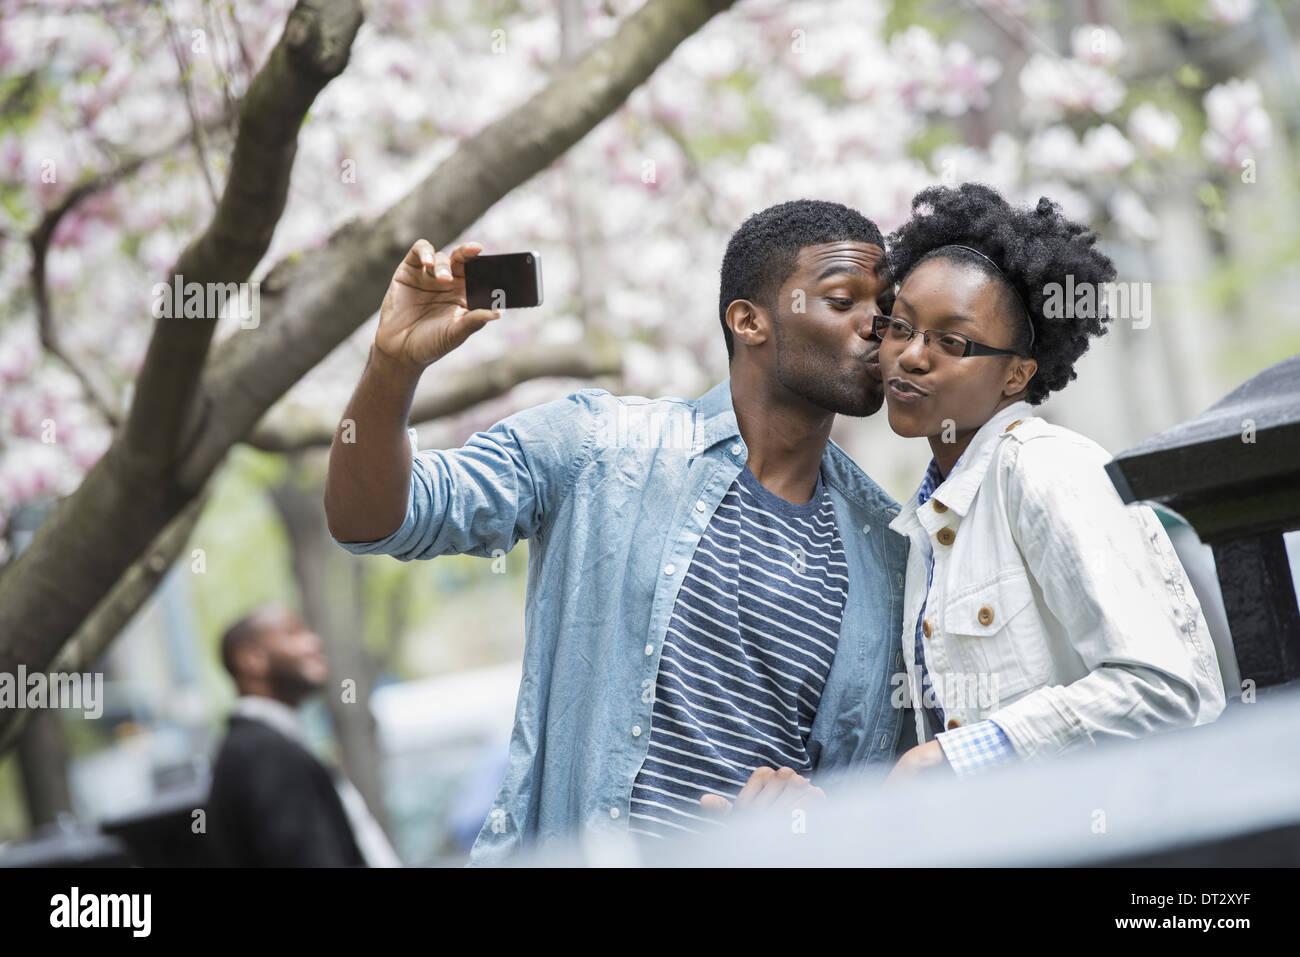 Un uomo baciare una donna e scattare una fotografia con un palmare telefono cellulare Immagini Stock